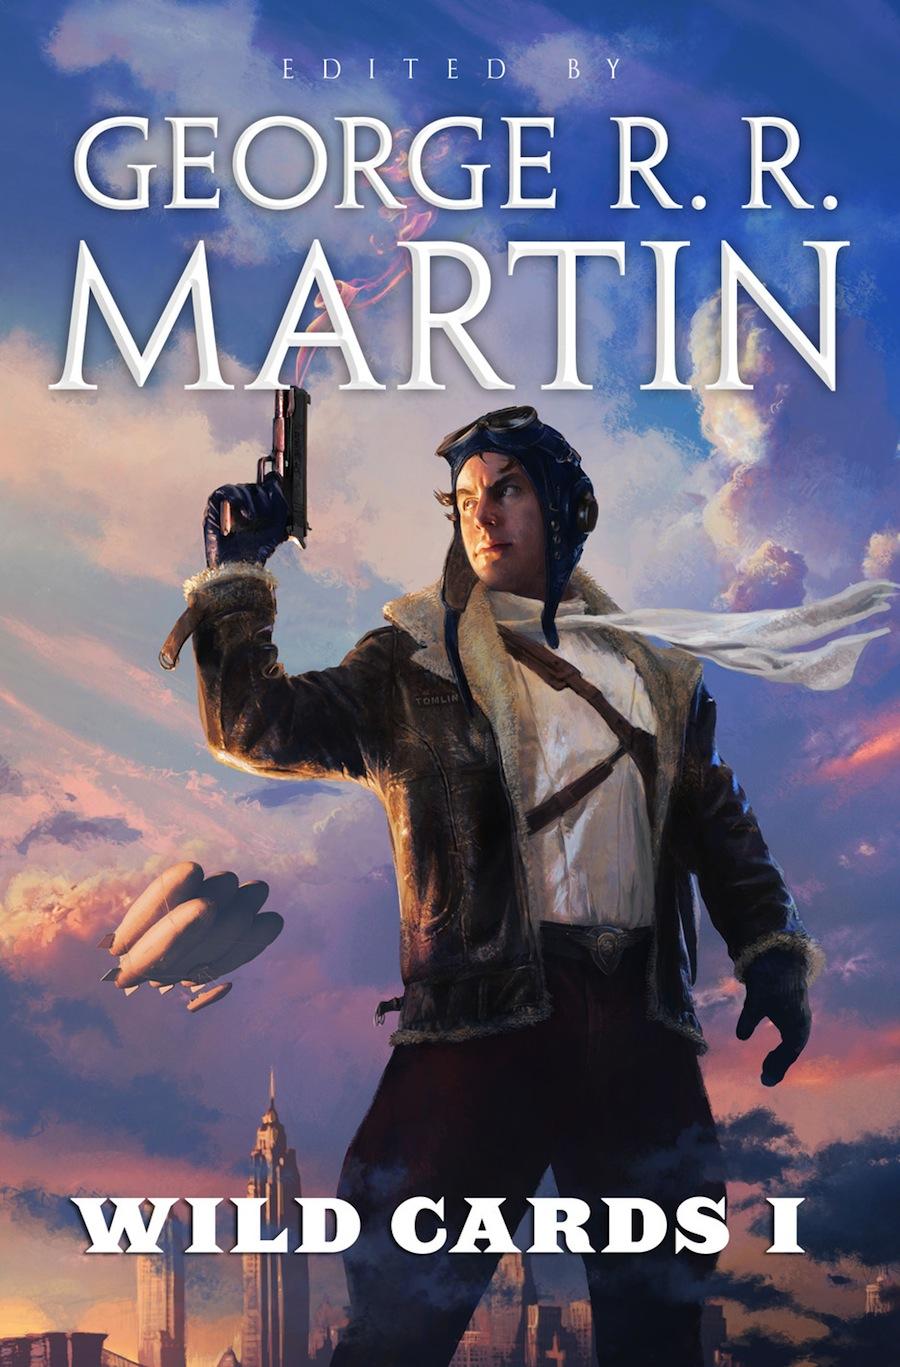 10 вещей, которые Джордж Мартин пишет в последнее время, вместо того, чтобы писать продолжение «Игры престолов»